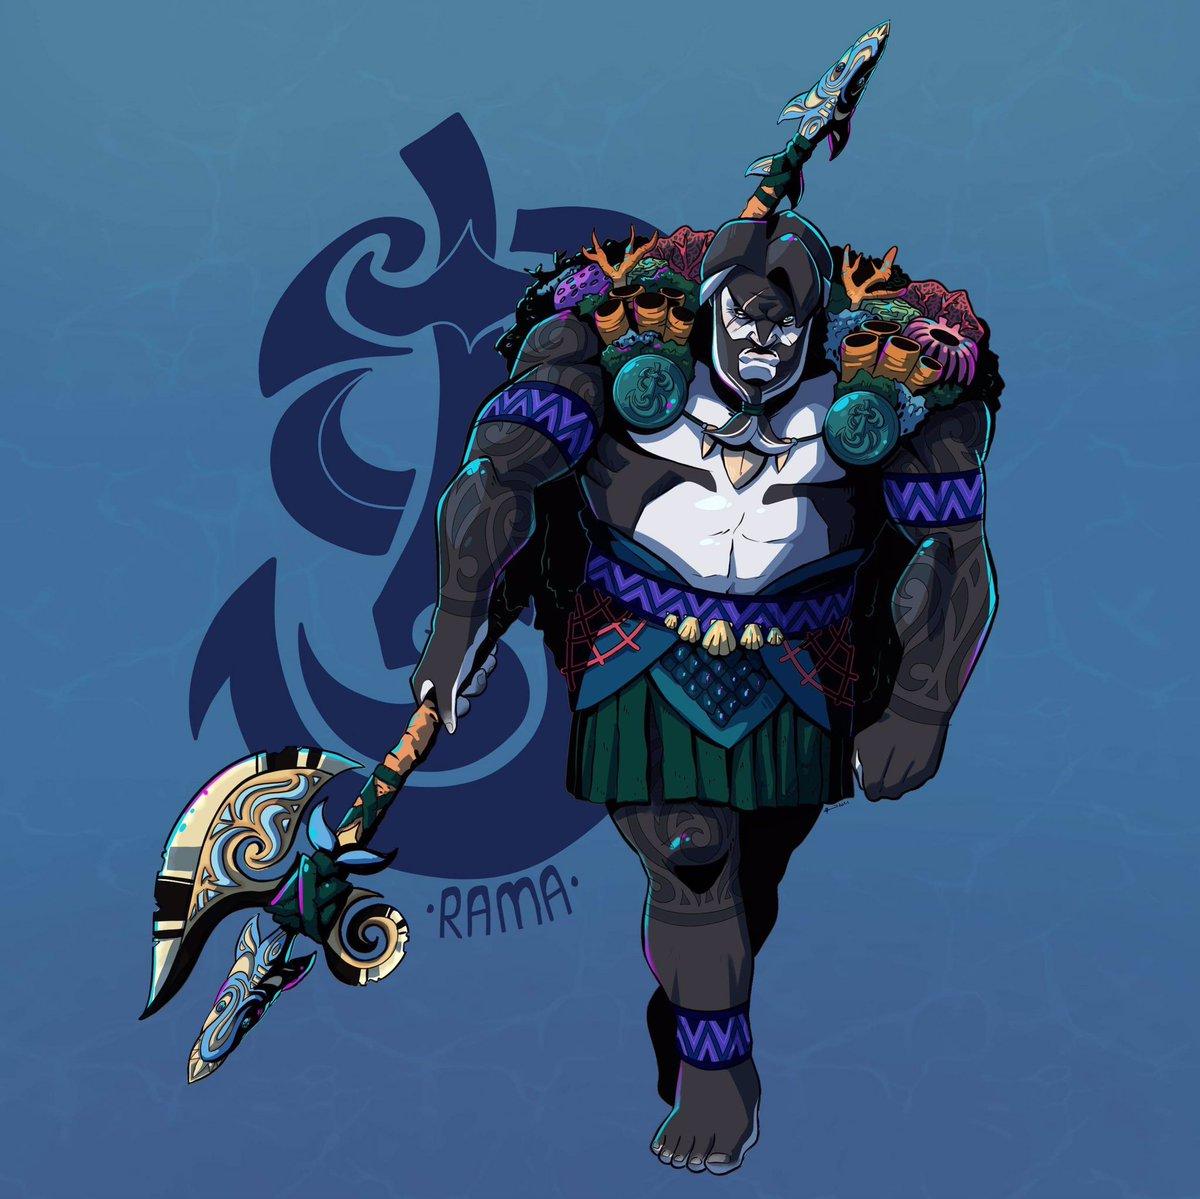 New dnd char! Meet My Barbarian: Rama! 🌊 #dndartists #DnDcharacter